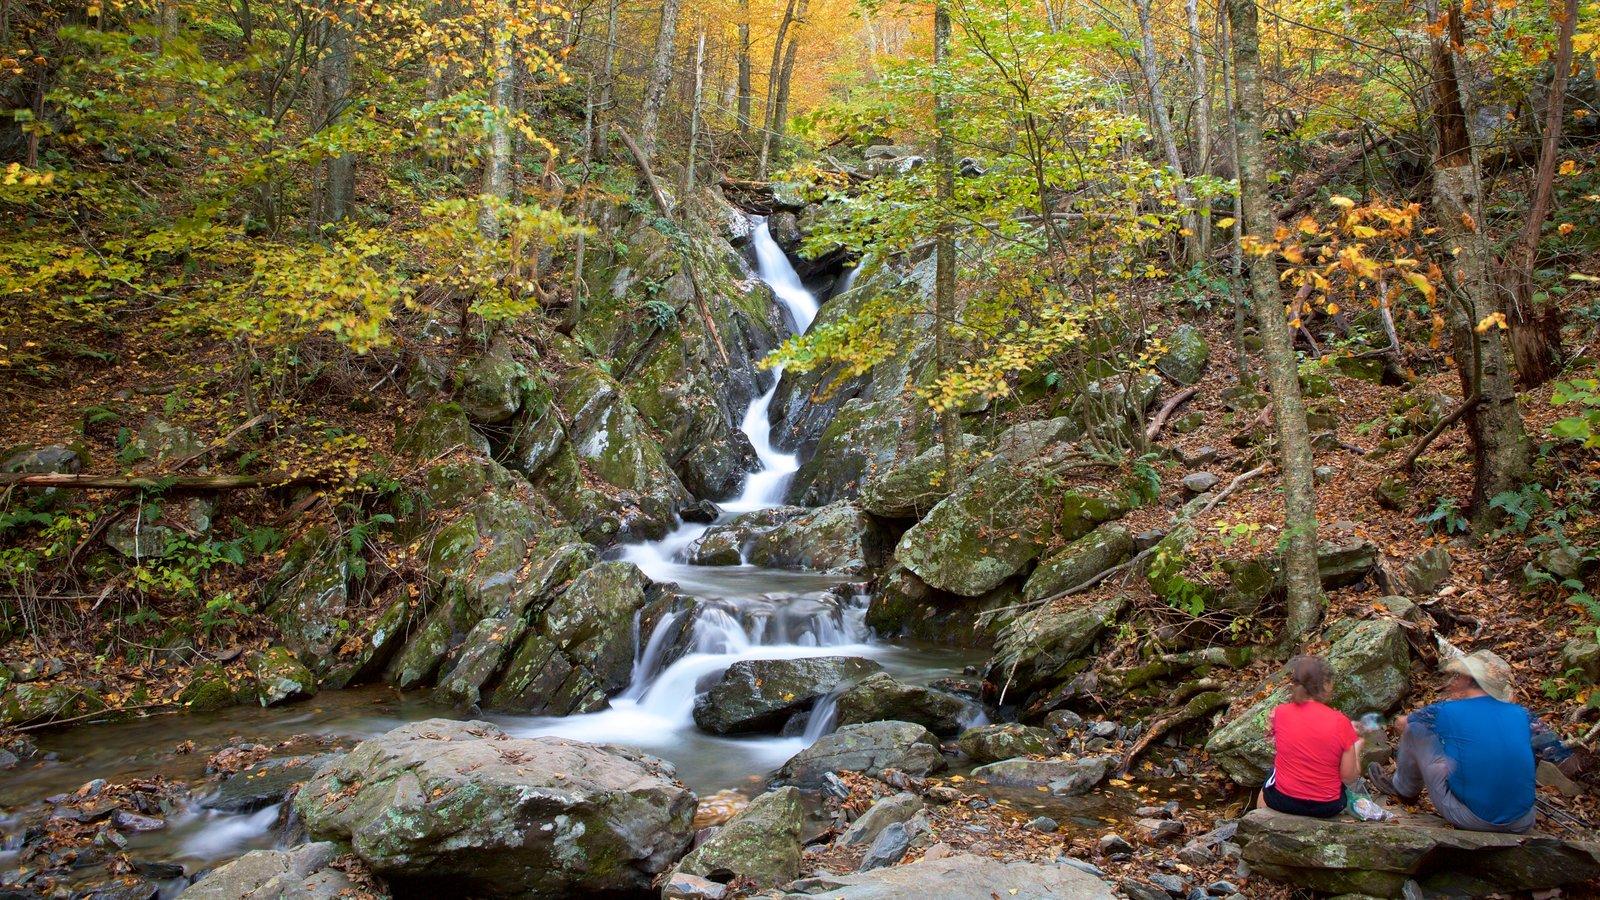 Parque Nacional Shenandoah mostrando un río o arroyo y bosques y también una pareja